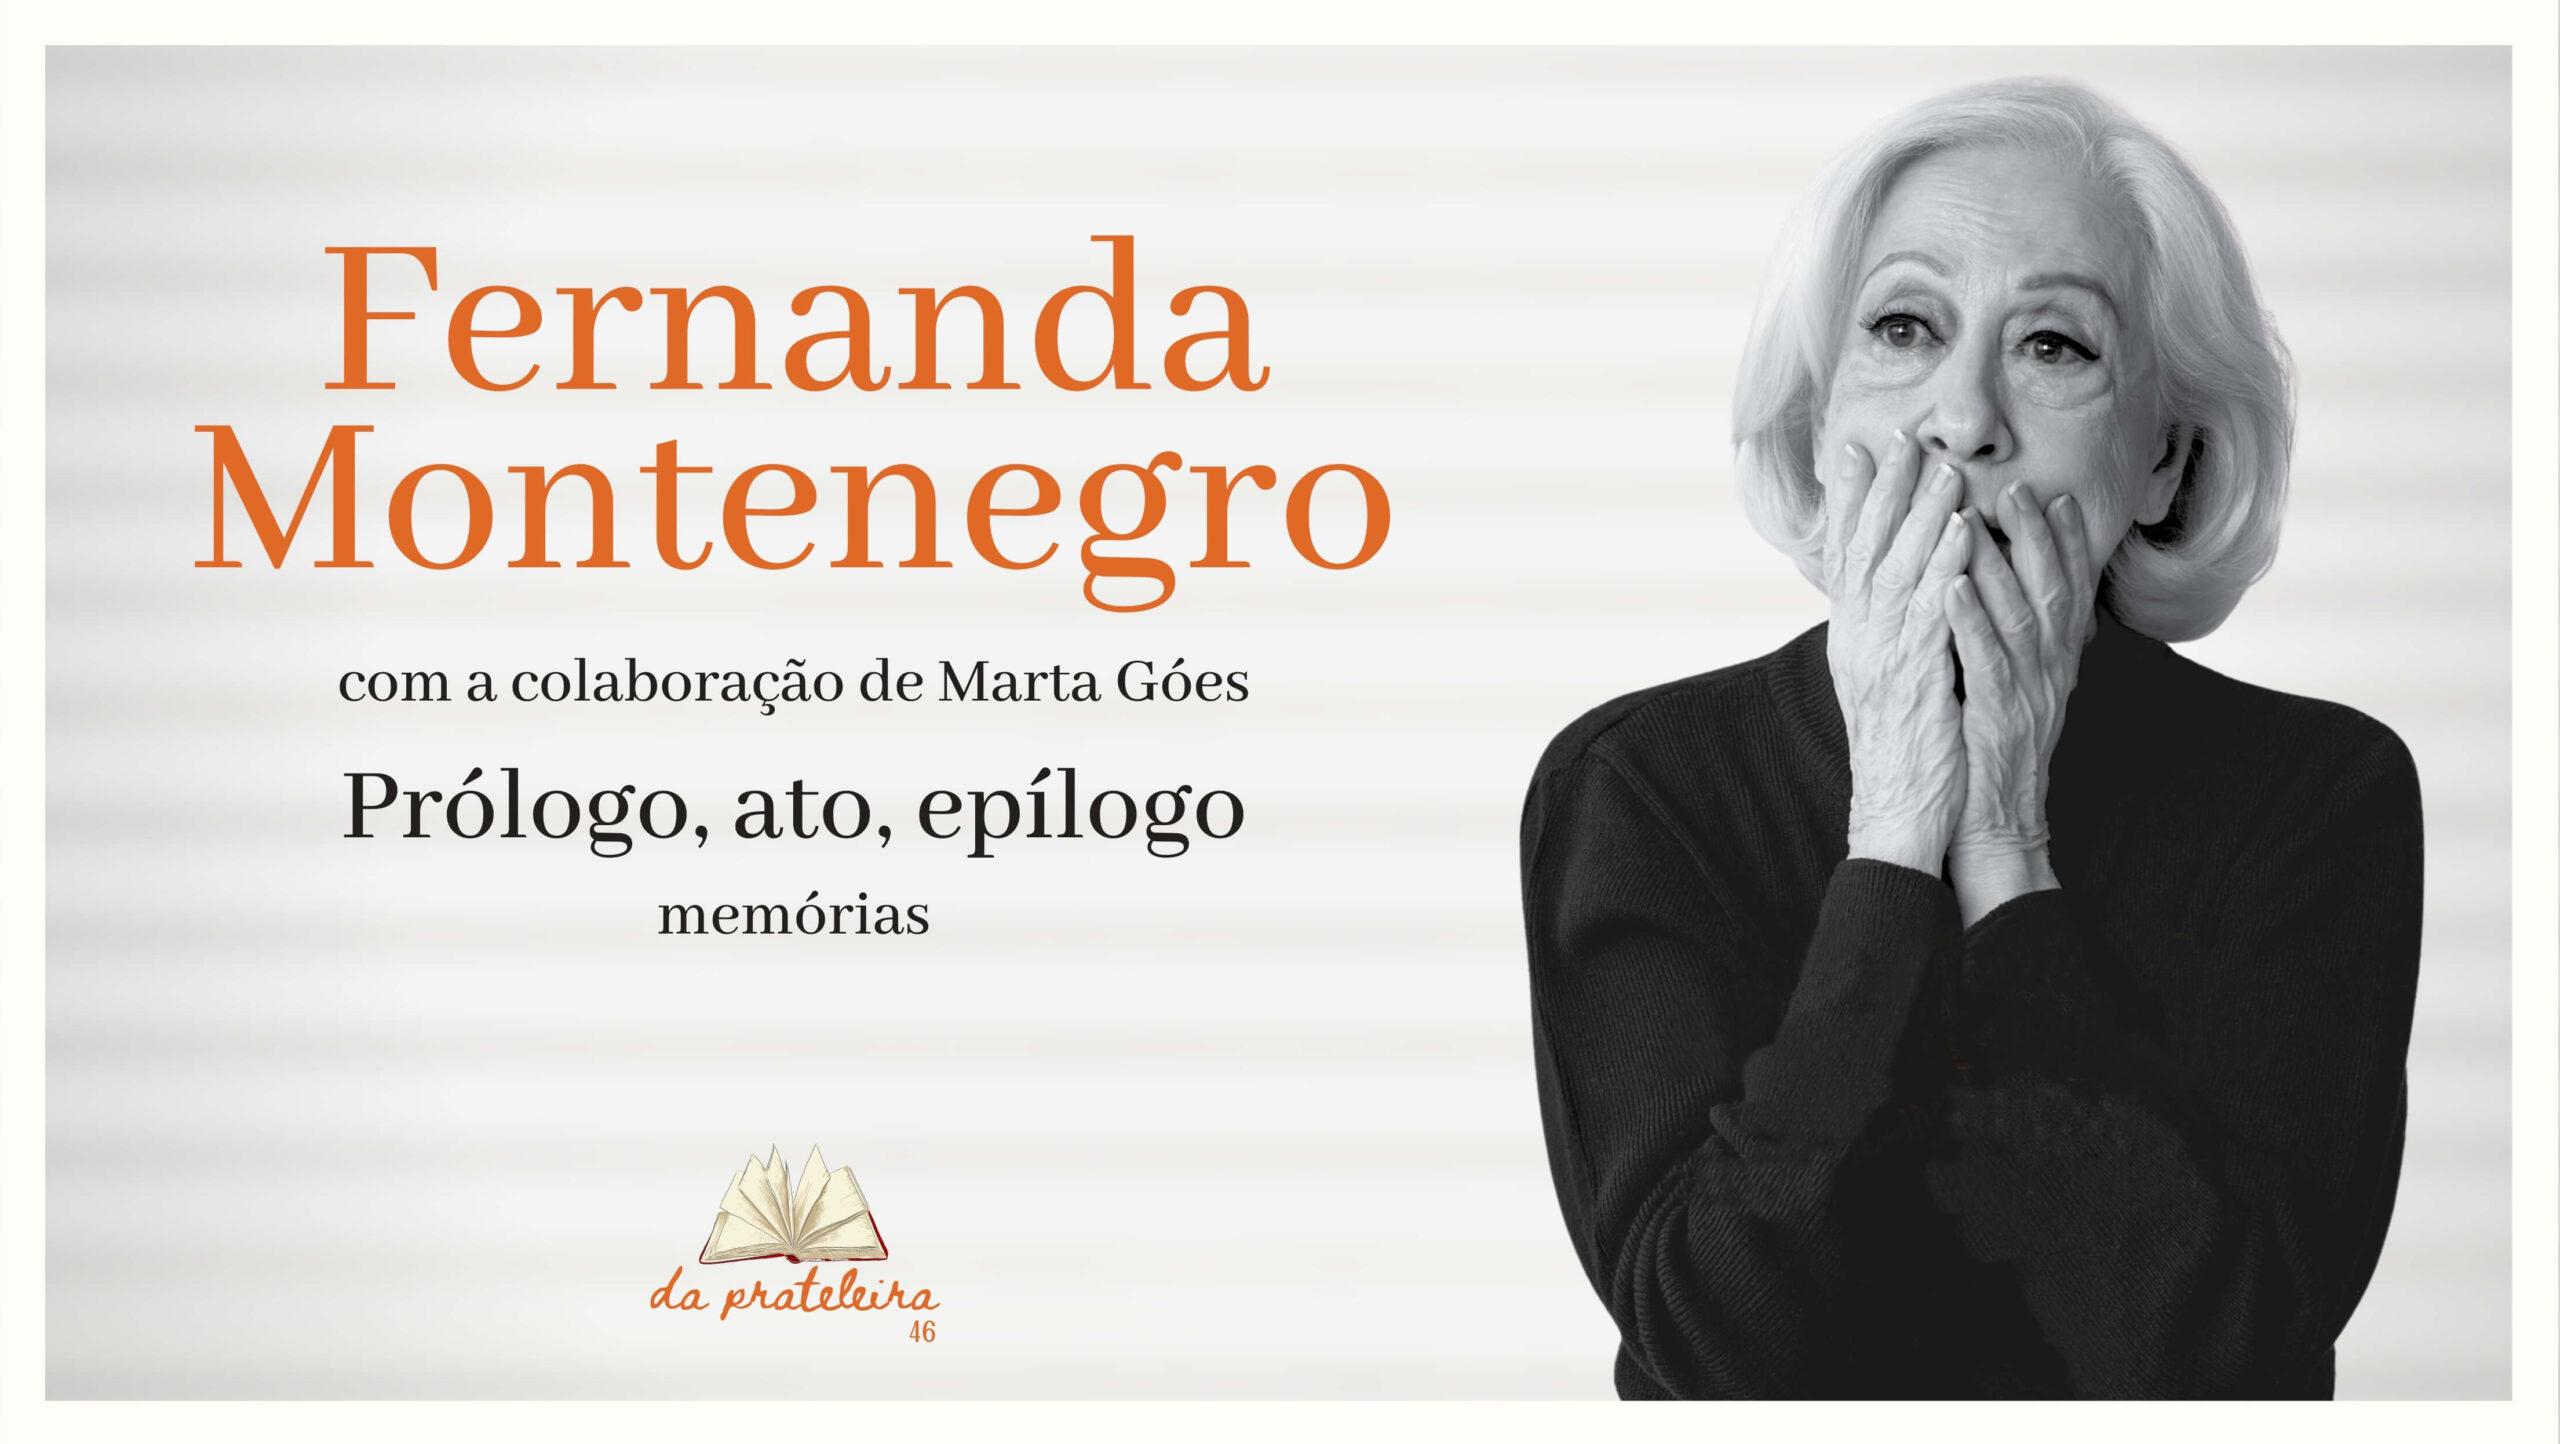 """Foto da atriz Fernanda Montenegro em preto e branco. Na parte superior o título do livro """"Prólogo, ato, epílogo - memórias"""" de Fernanda Montenegro com a colaboração de Marta Góes."""